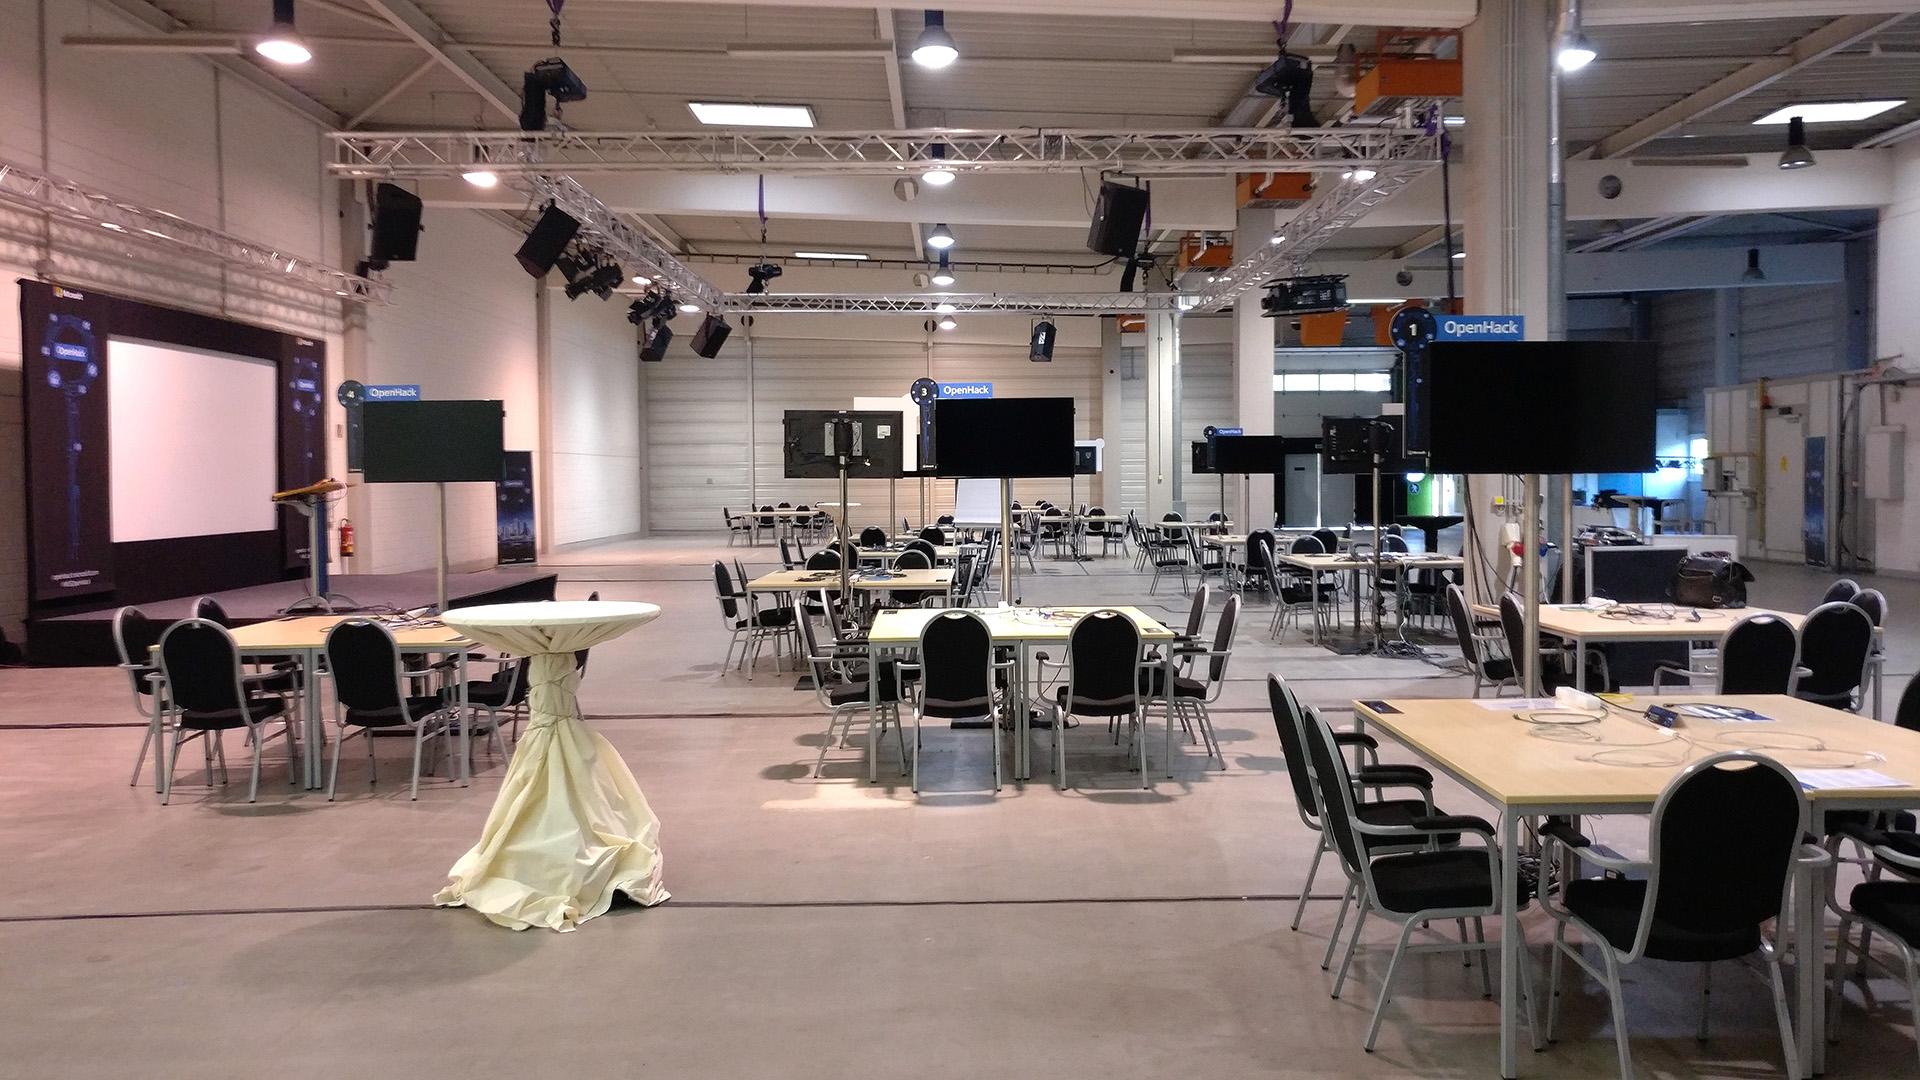 Media Digital - Referenzveranstaltung Microsoft in der Goldsteinhalle in Frankfurt. Ihr Full Service Partner für Professionelle Konferenztechnik